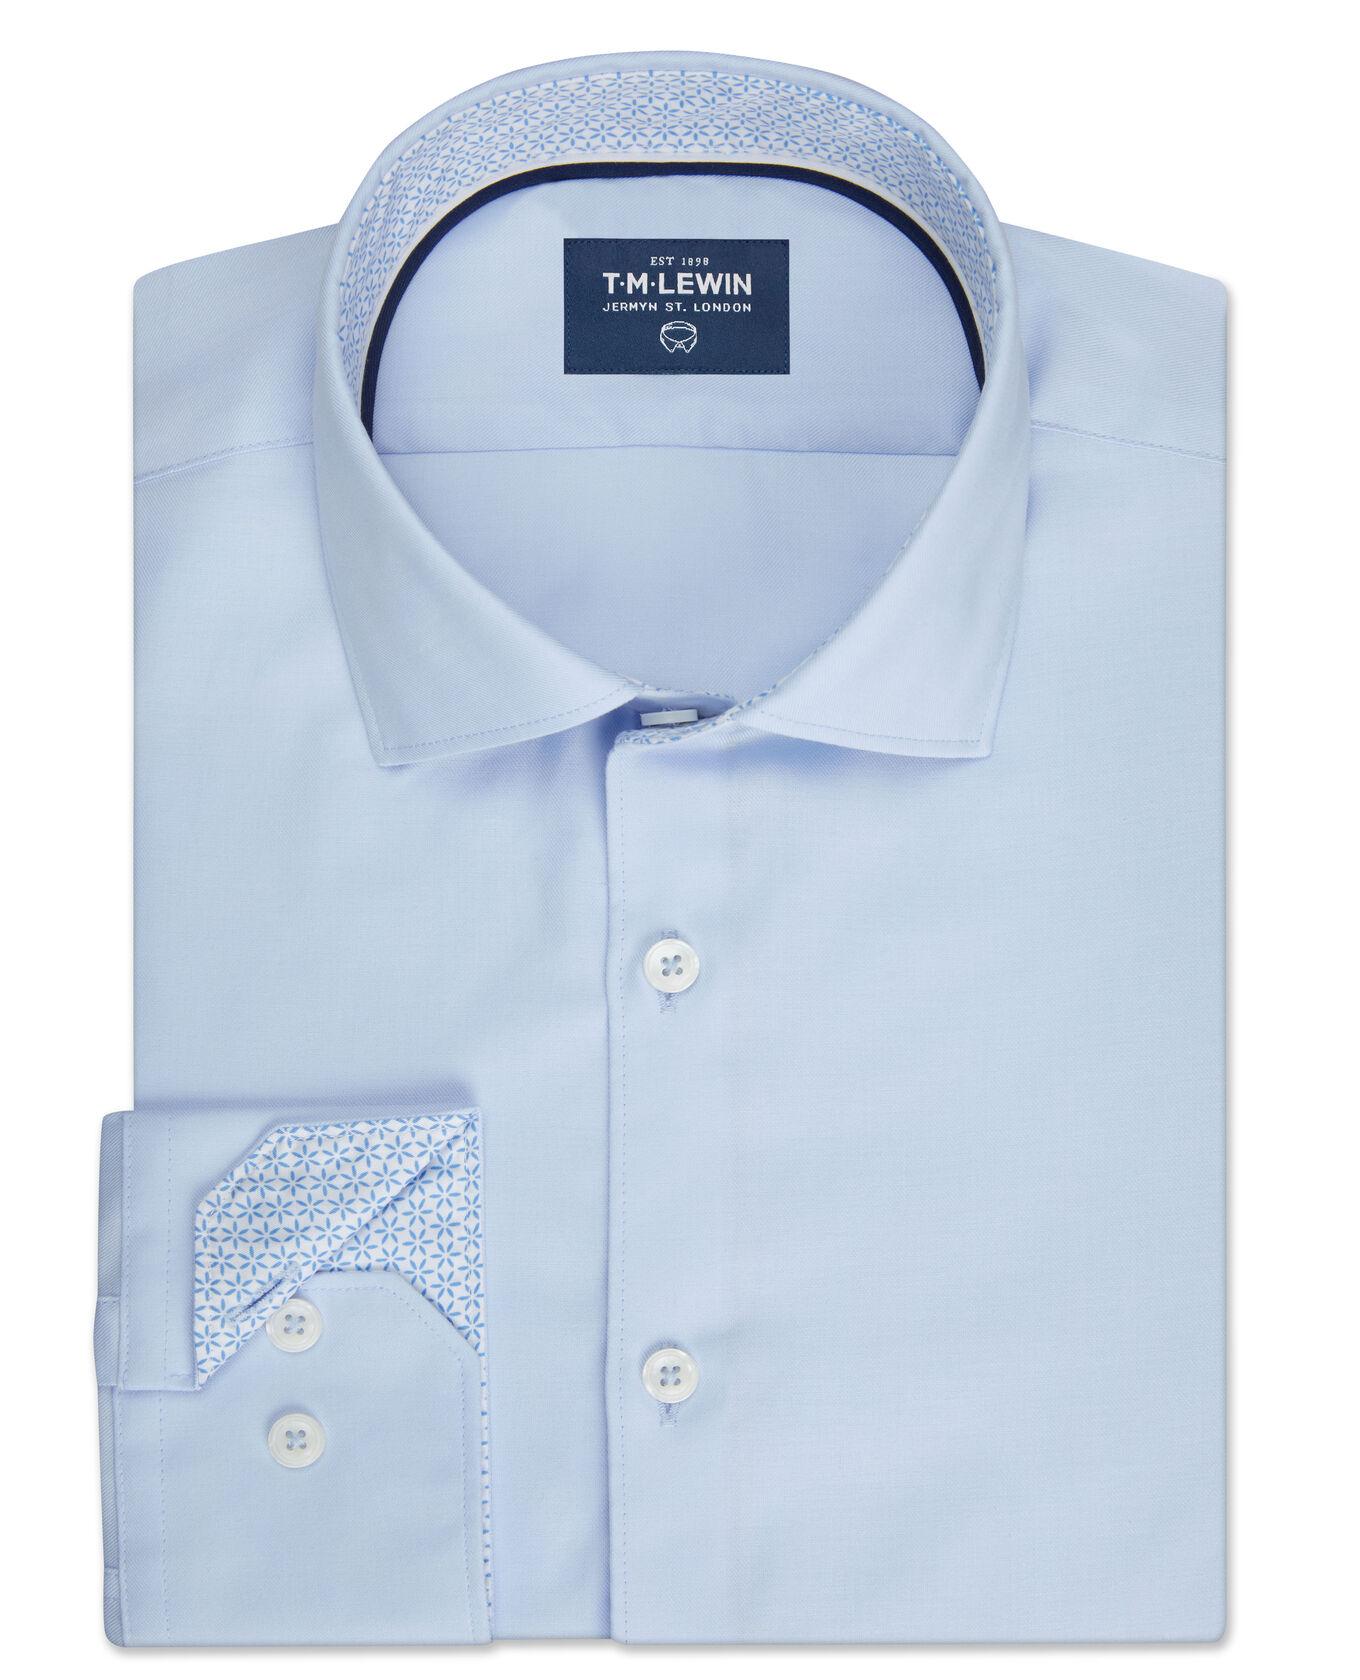 Star Trim Slim Fit Blue Twill Single Cuff Shirt